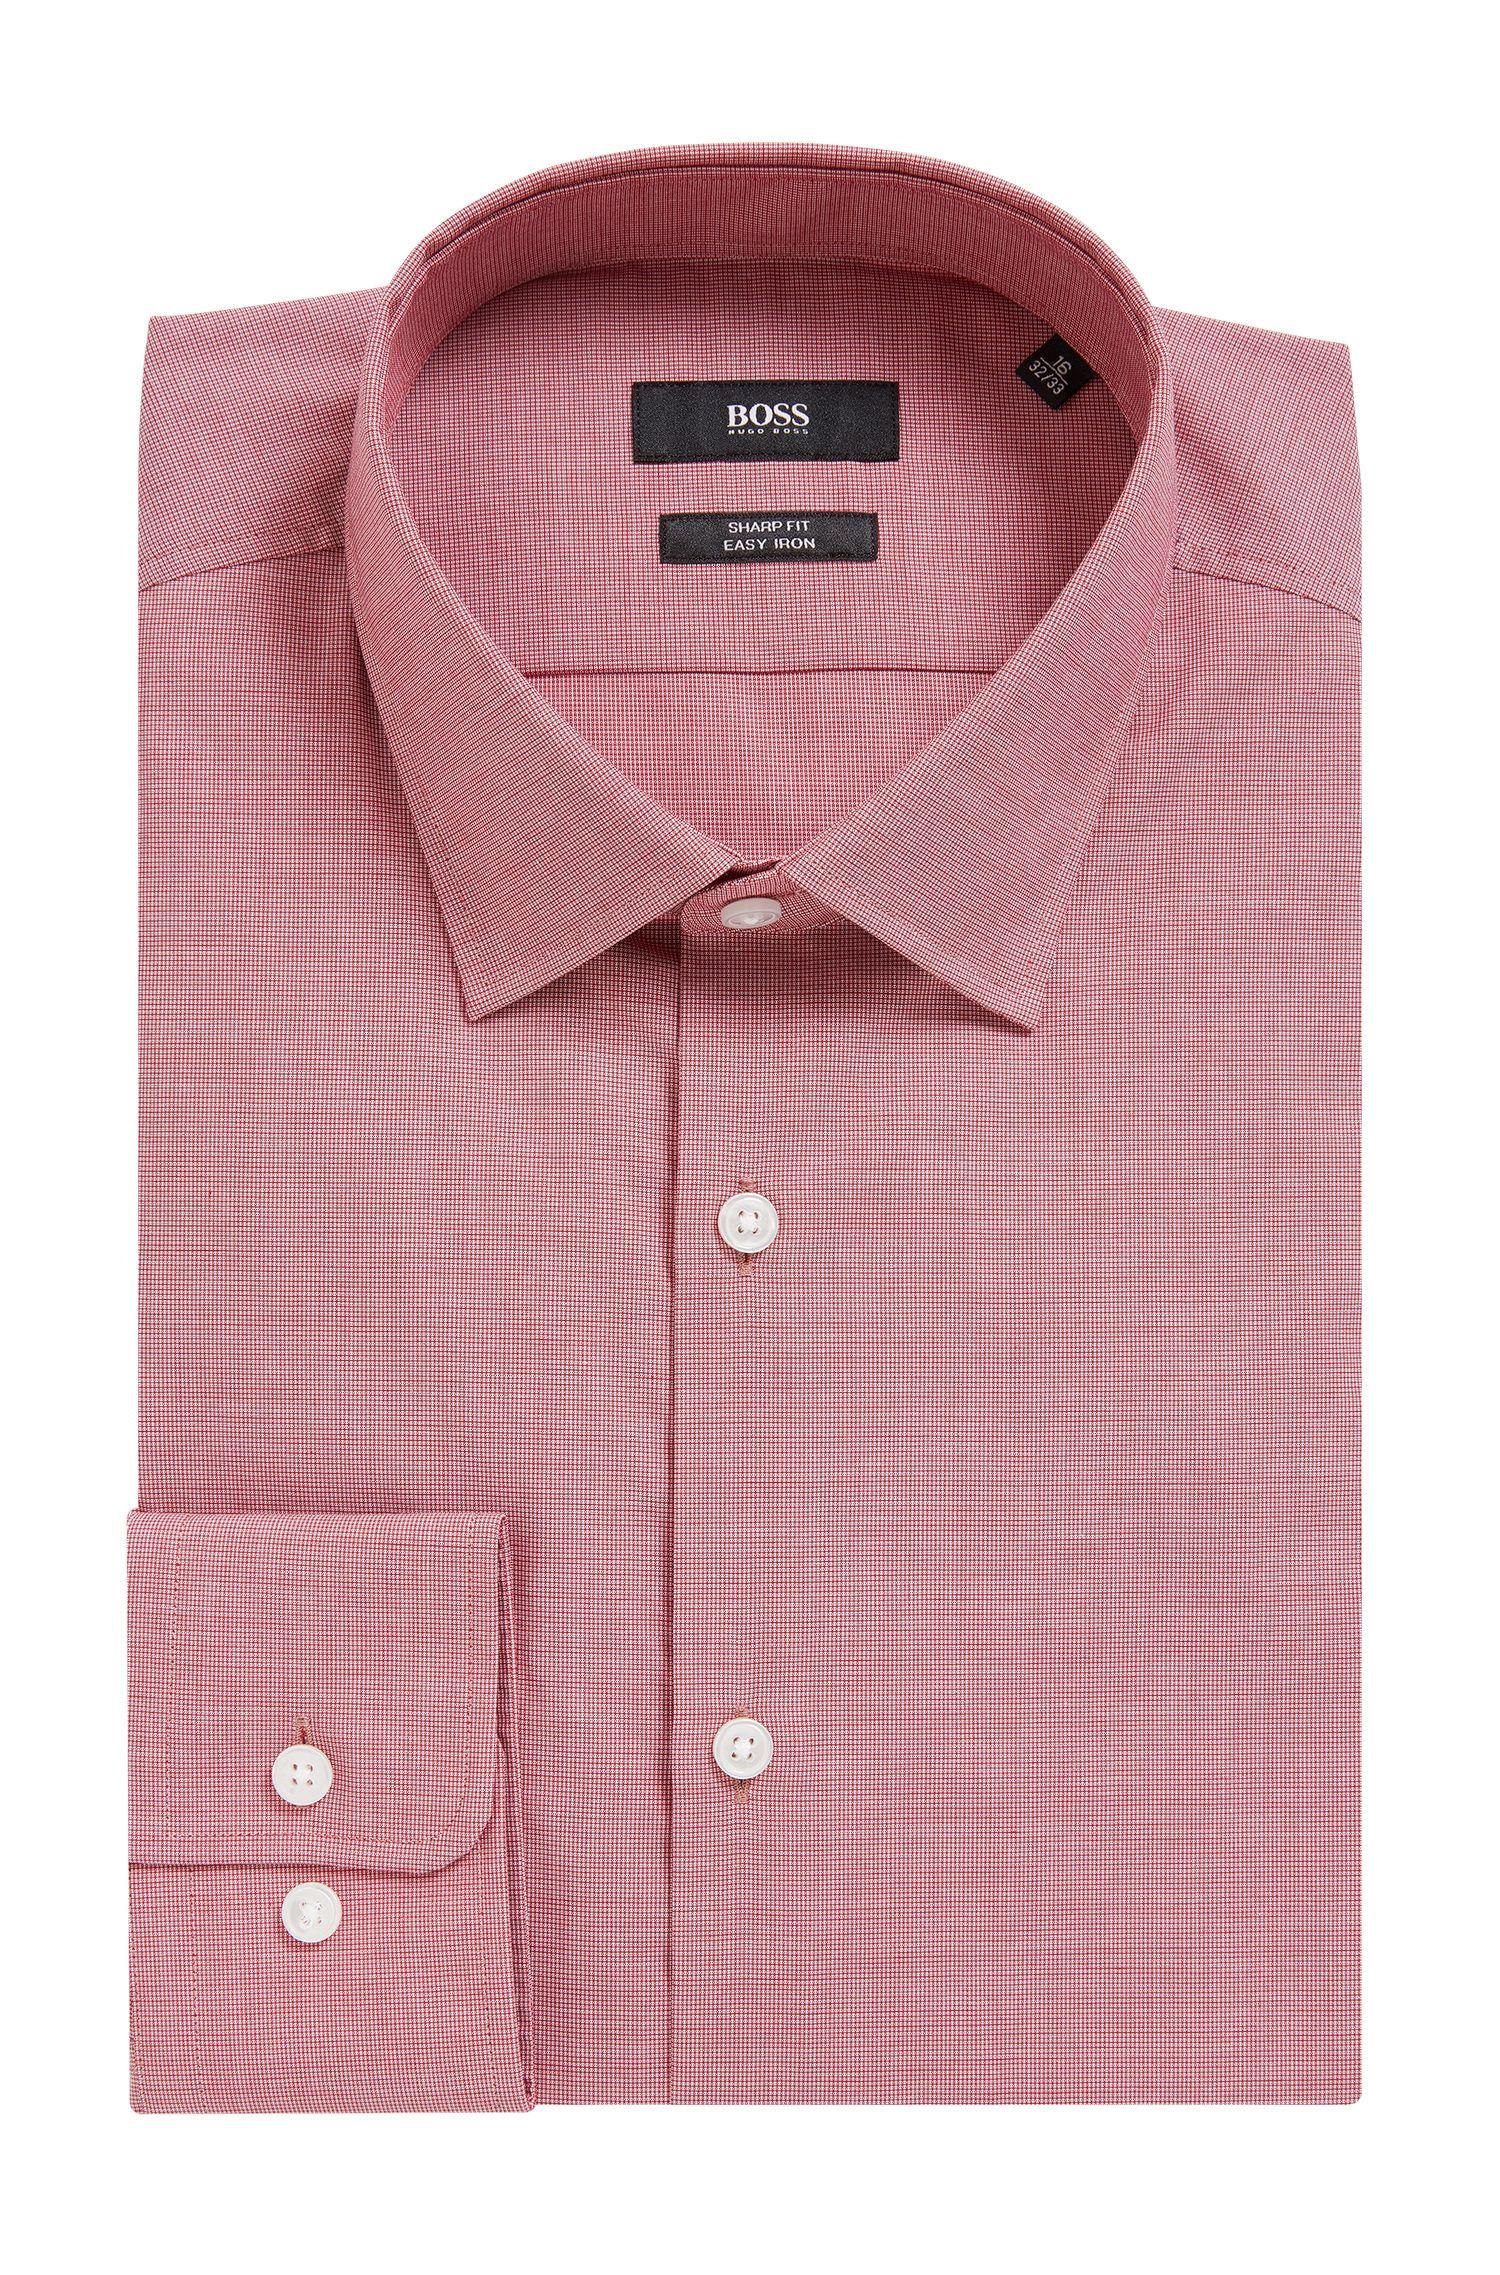 Textured Cotton Dress Shirt, Sharp Fit | Marley US